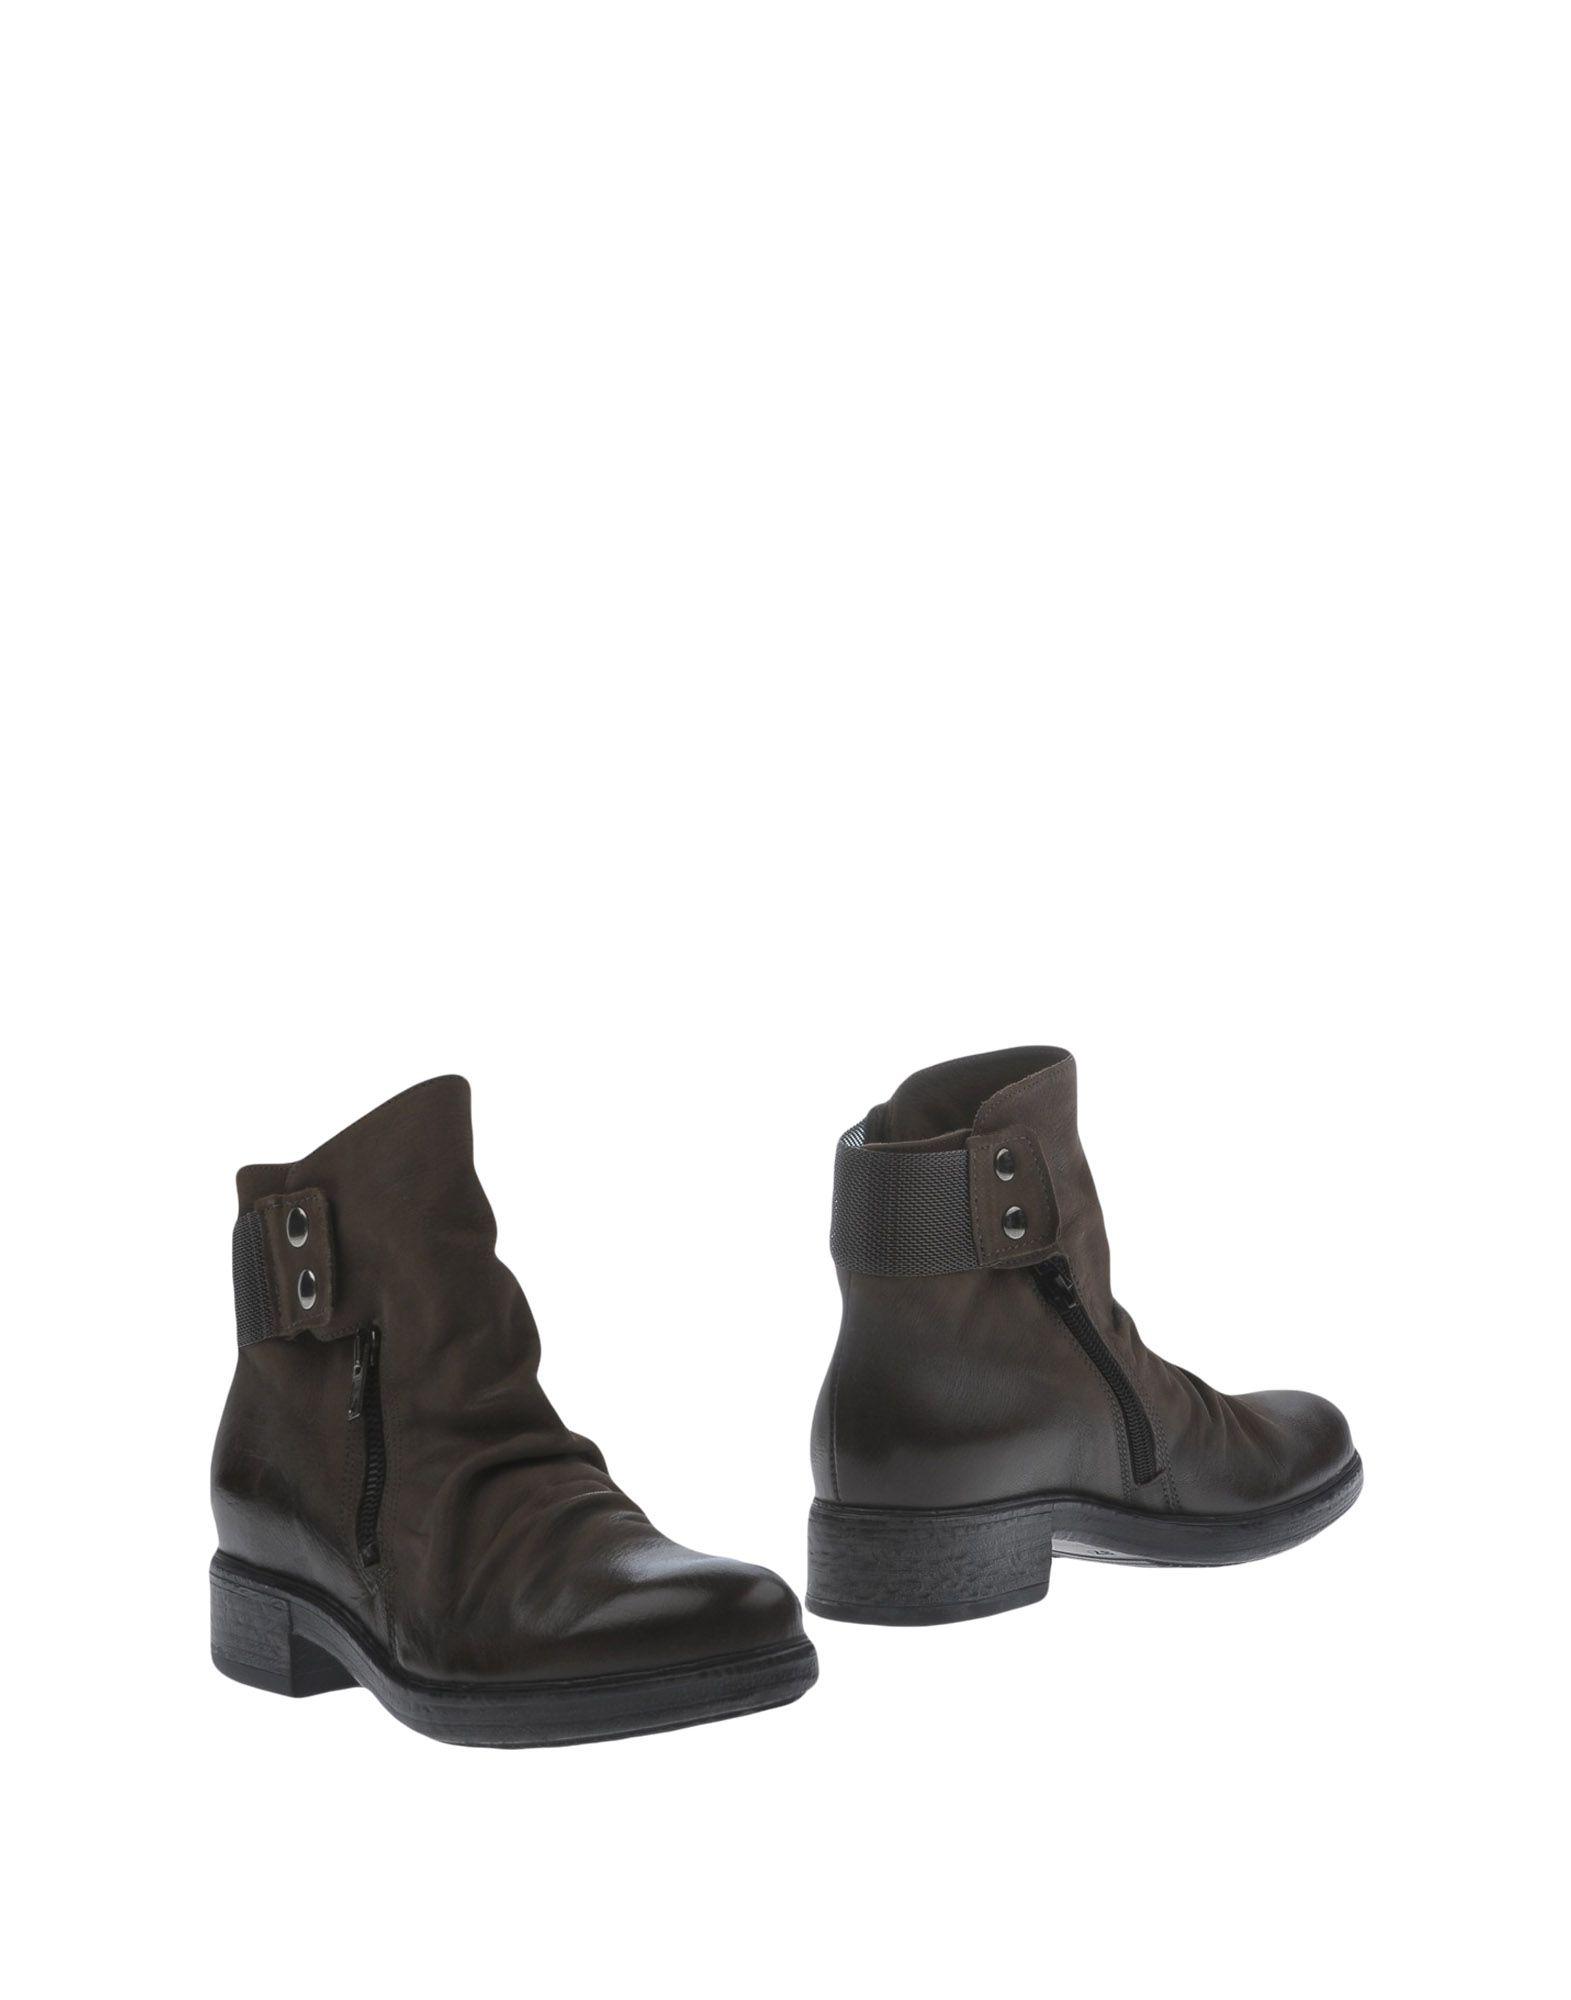 Bagatt Stiefelette Damen  11293878KH Gute Qualität beliebte Schuhe